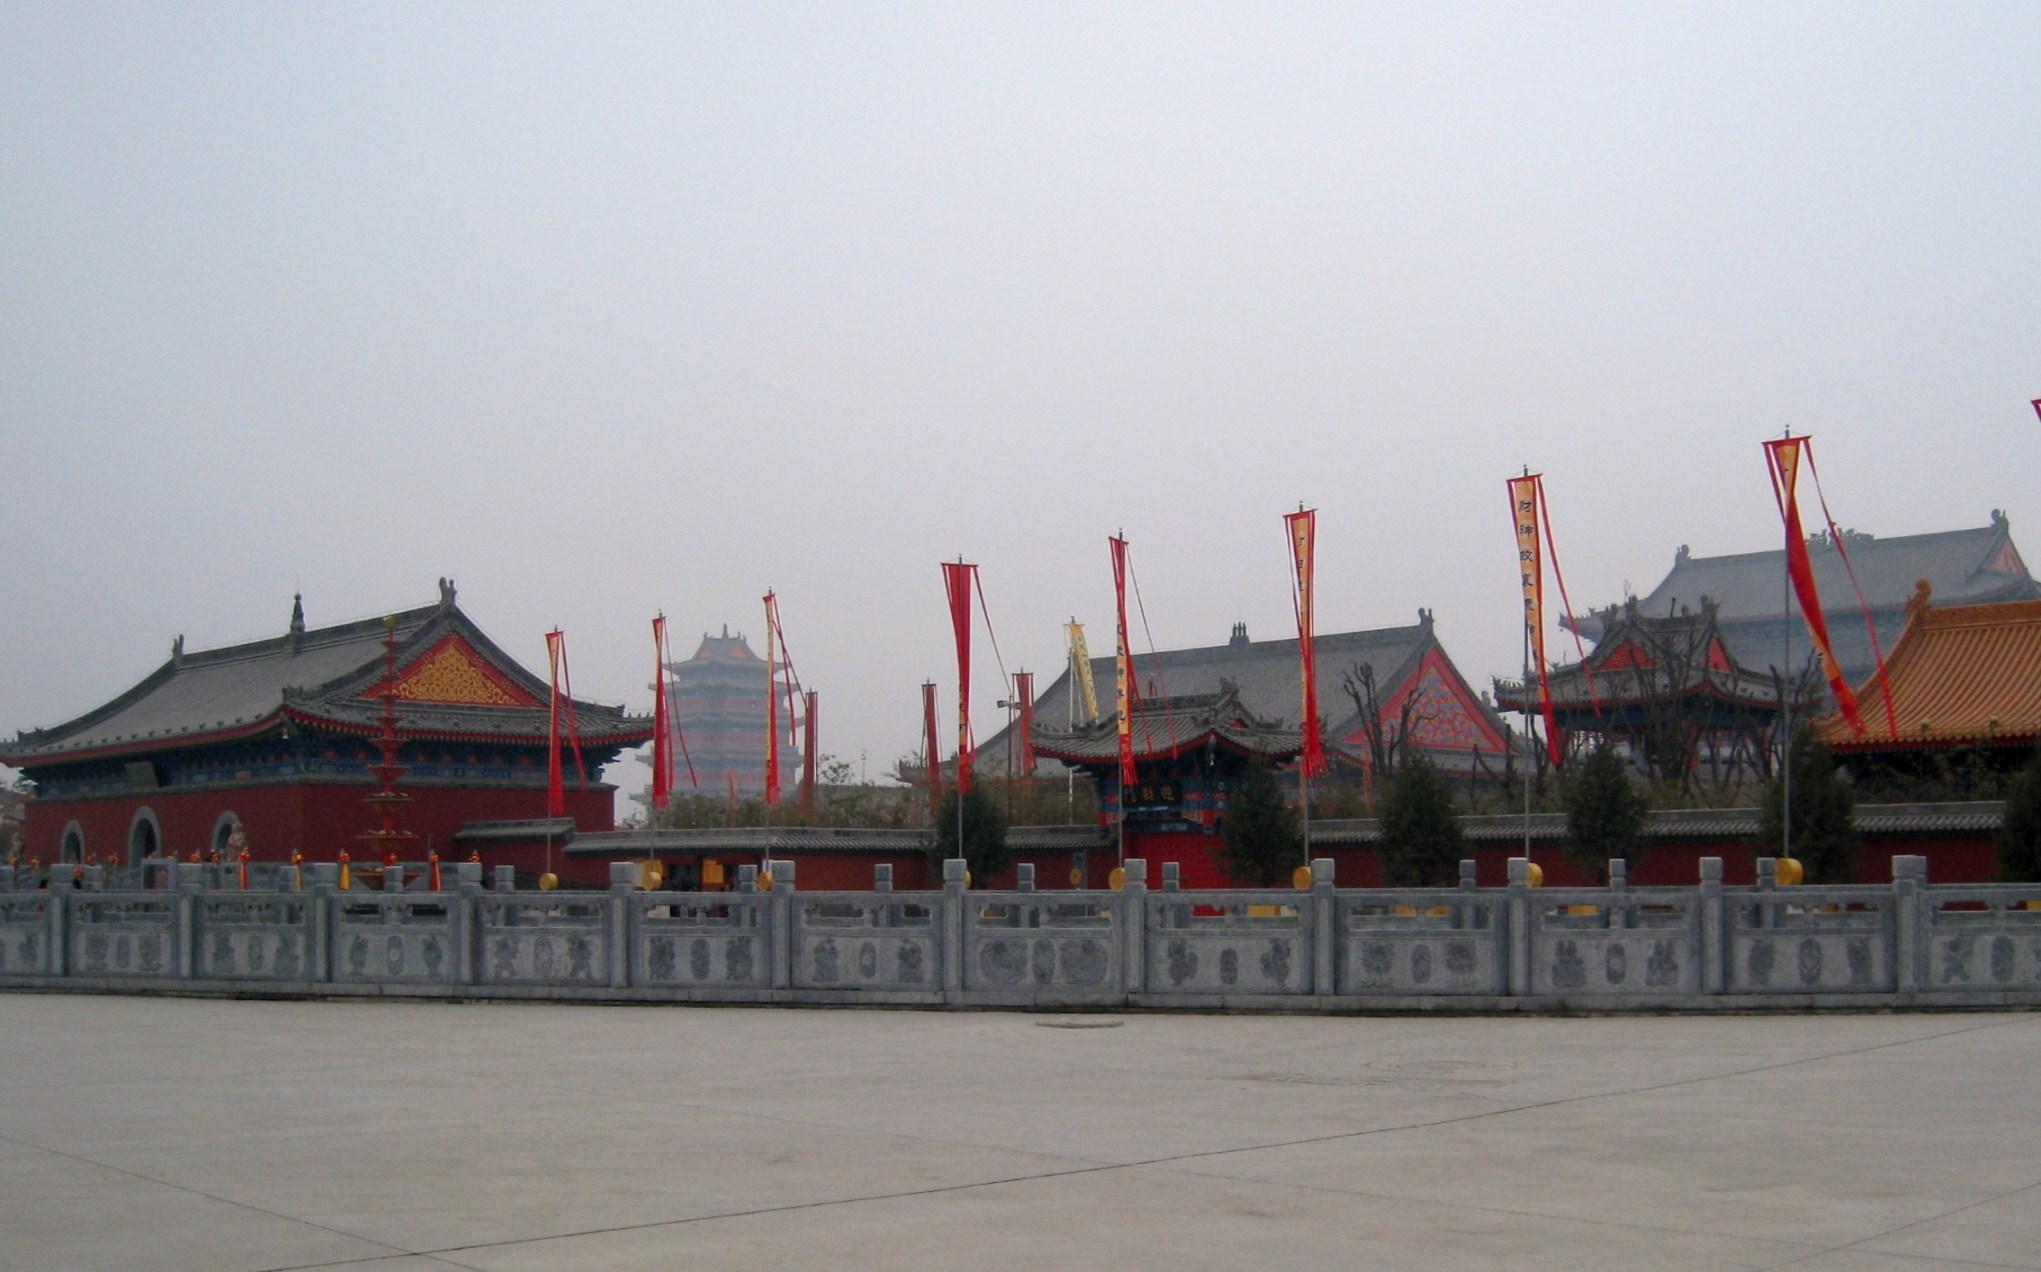 楼观台老子文化节_图1-29